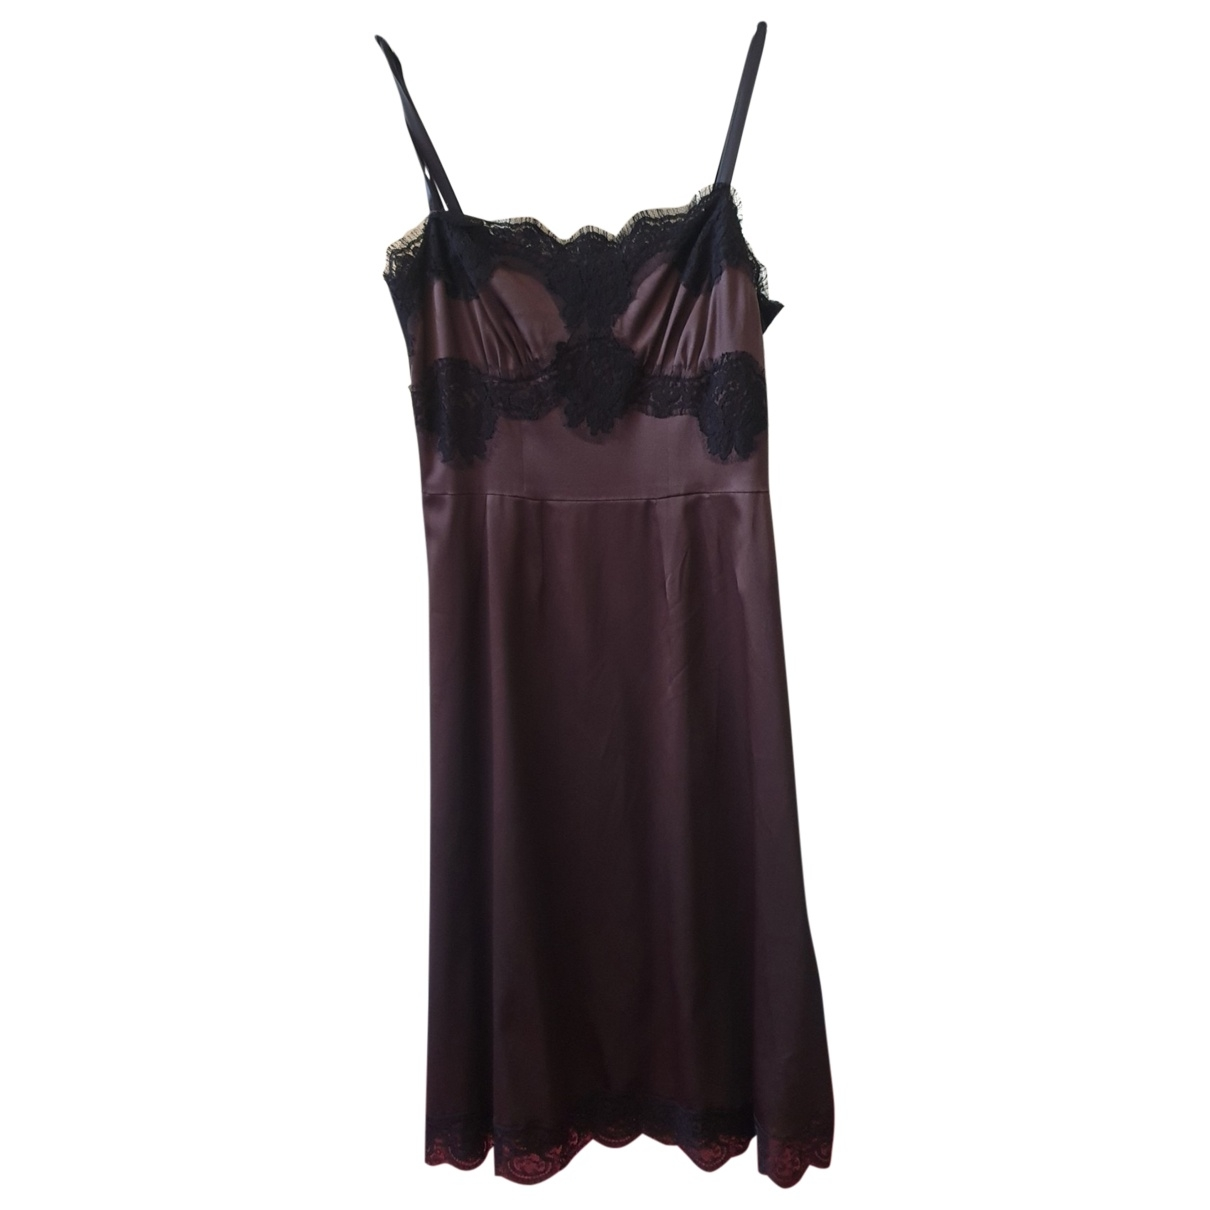 Dolce & Gabbana - Robe   pour femme en soie - bordeaux